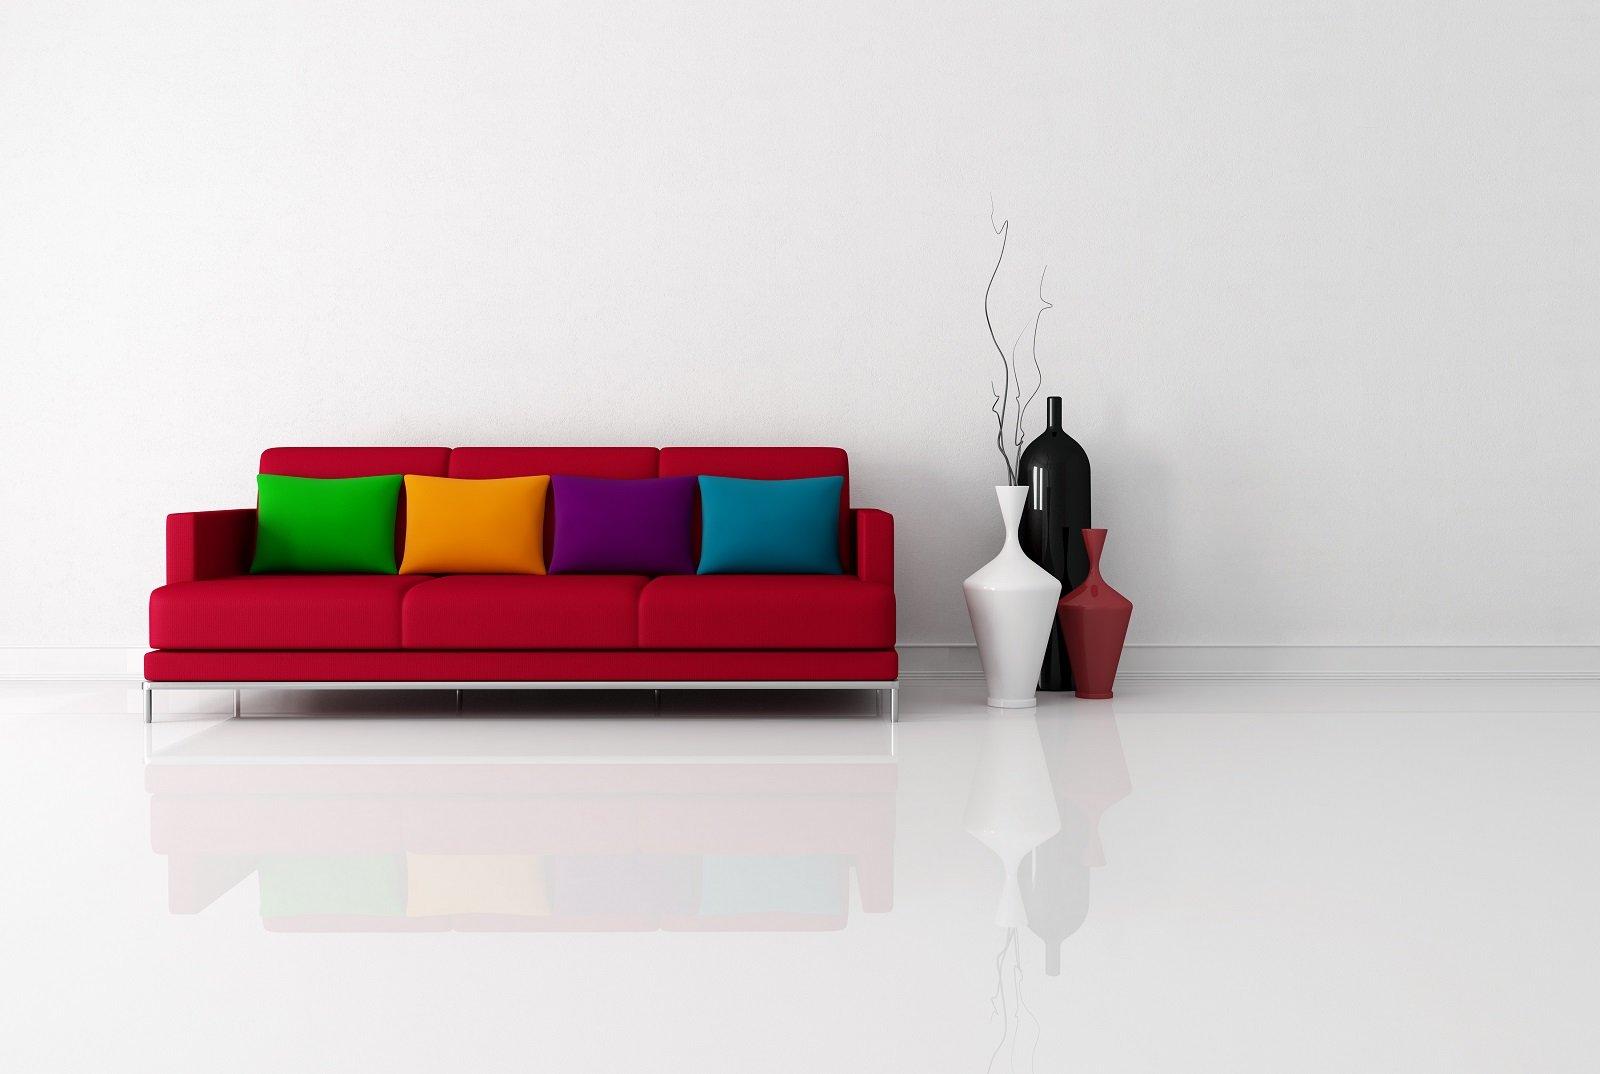 Sofà rosso, cuscini verde,giallo,lila e blu, tre vasi nero,bianco e rosso